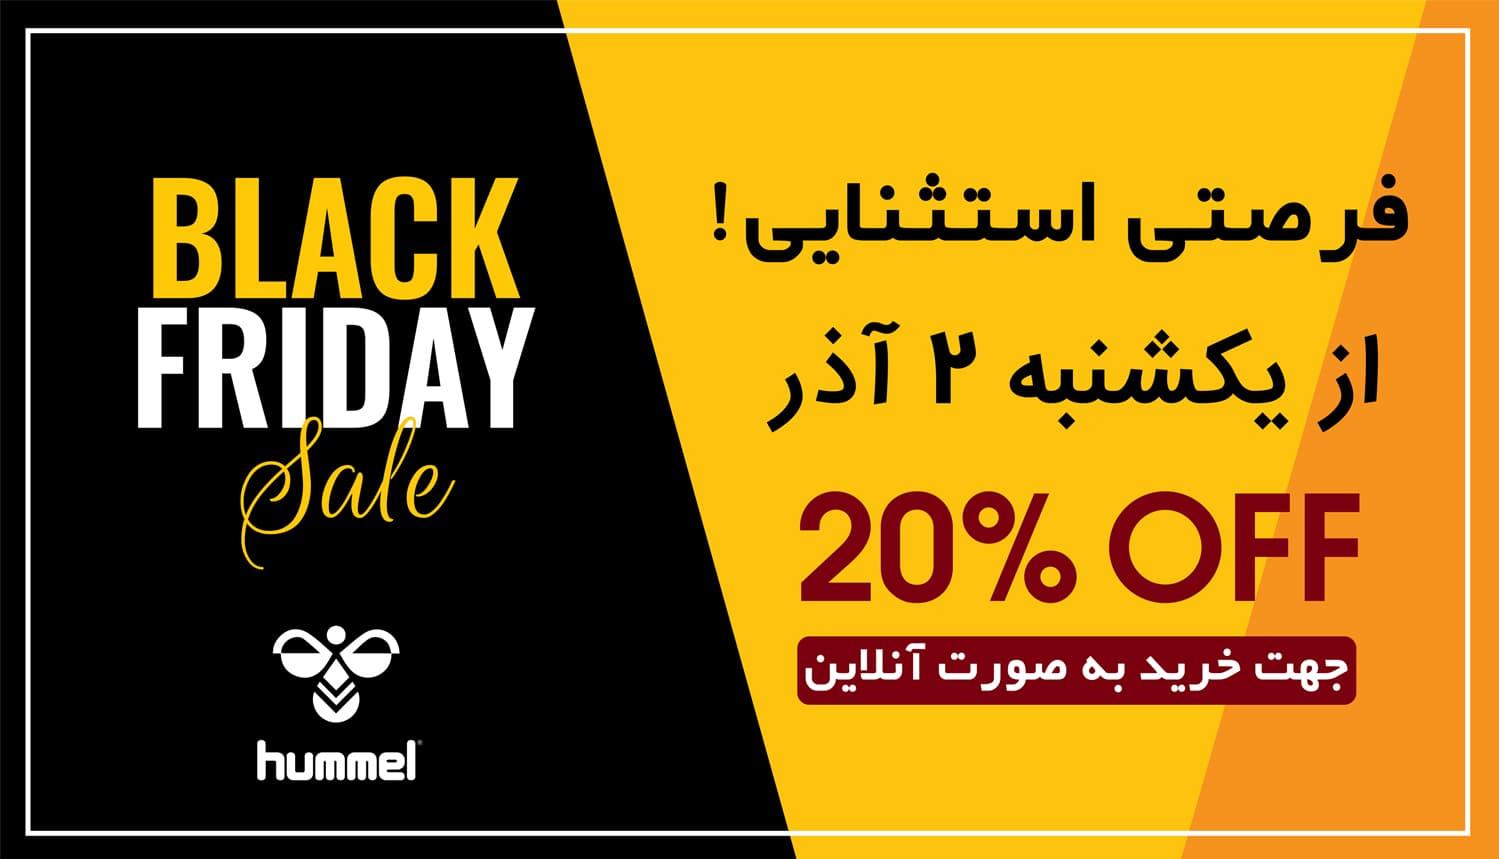 آنلاین خرید کنید BLACK FRIDAY